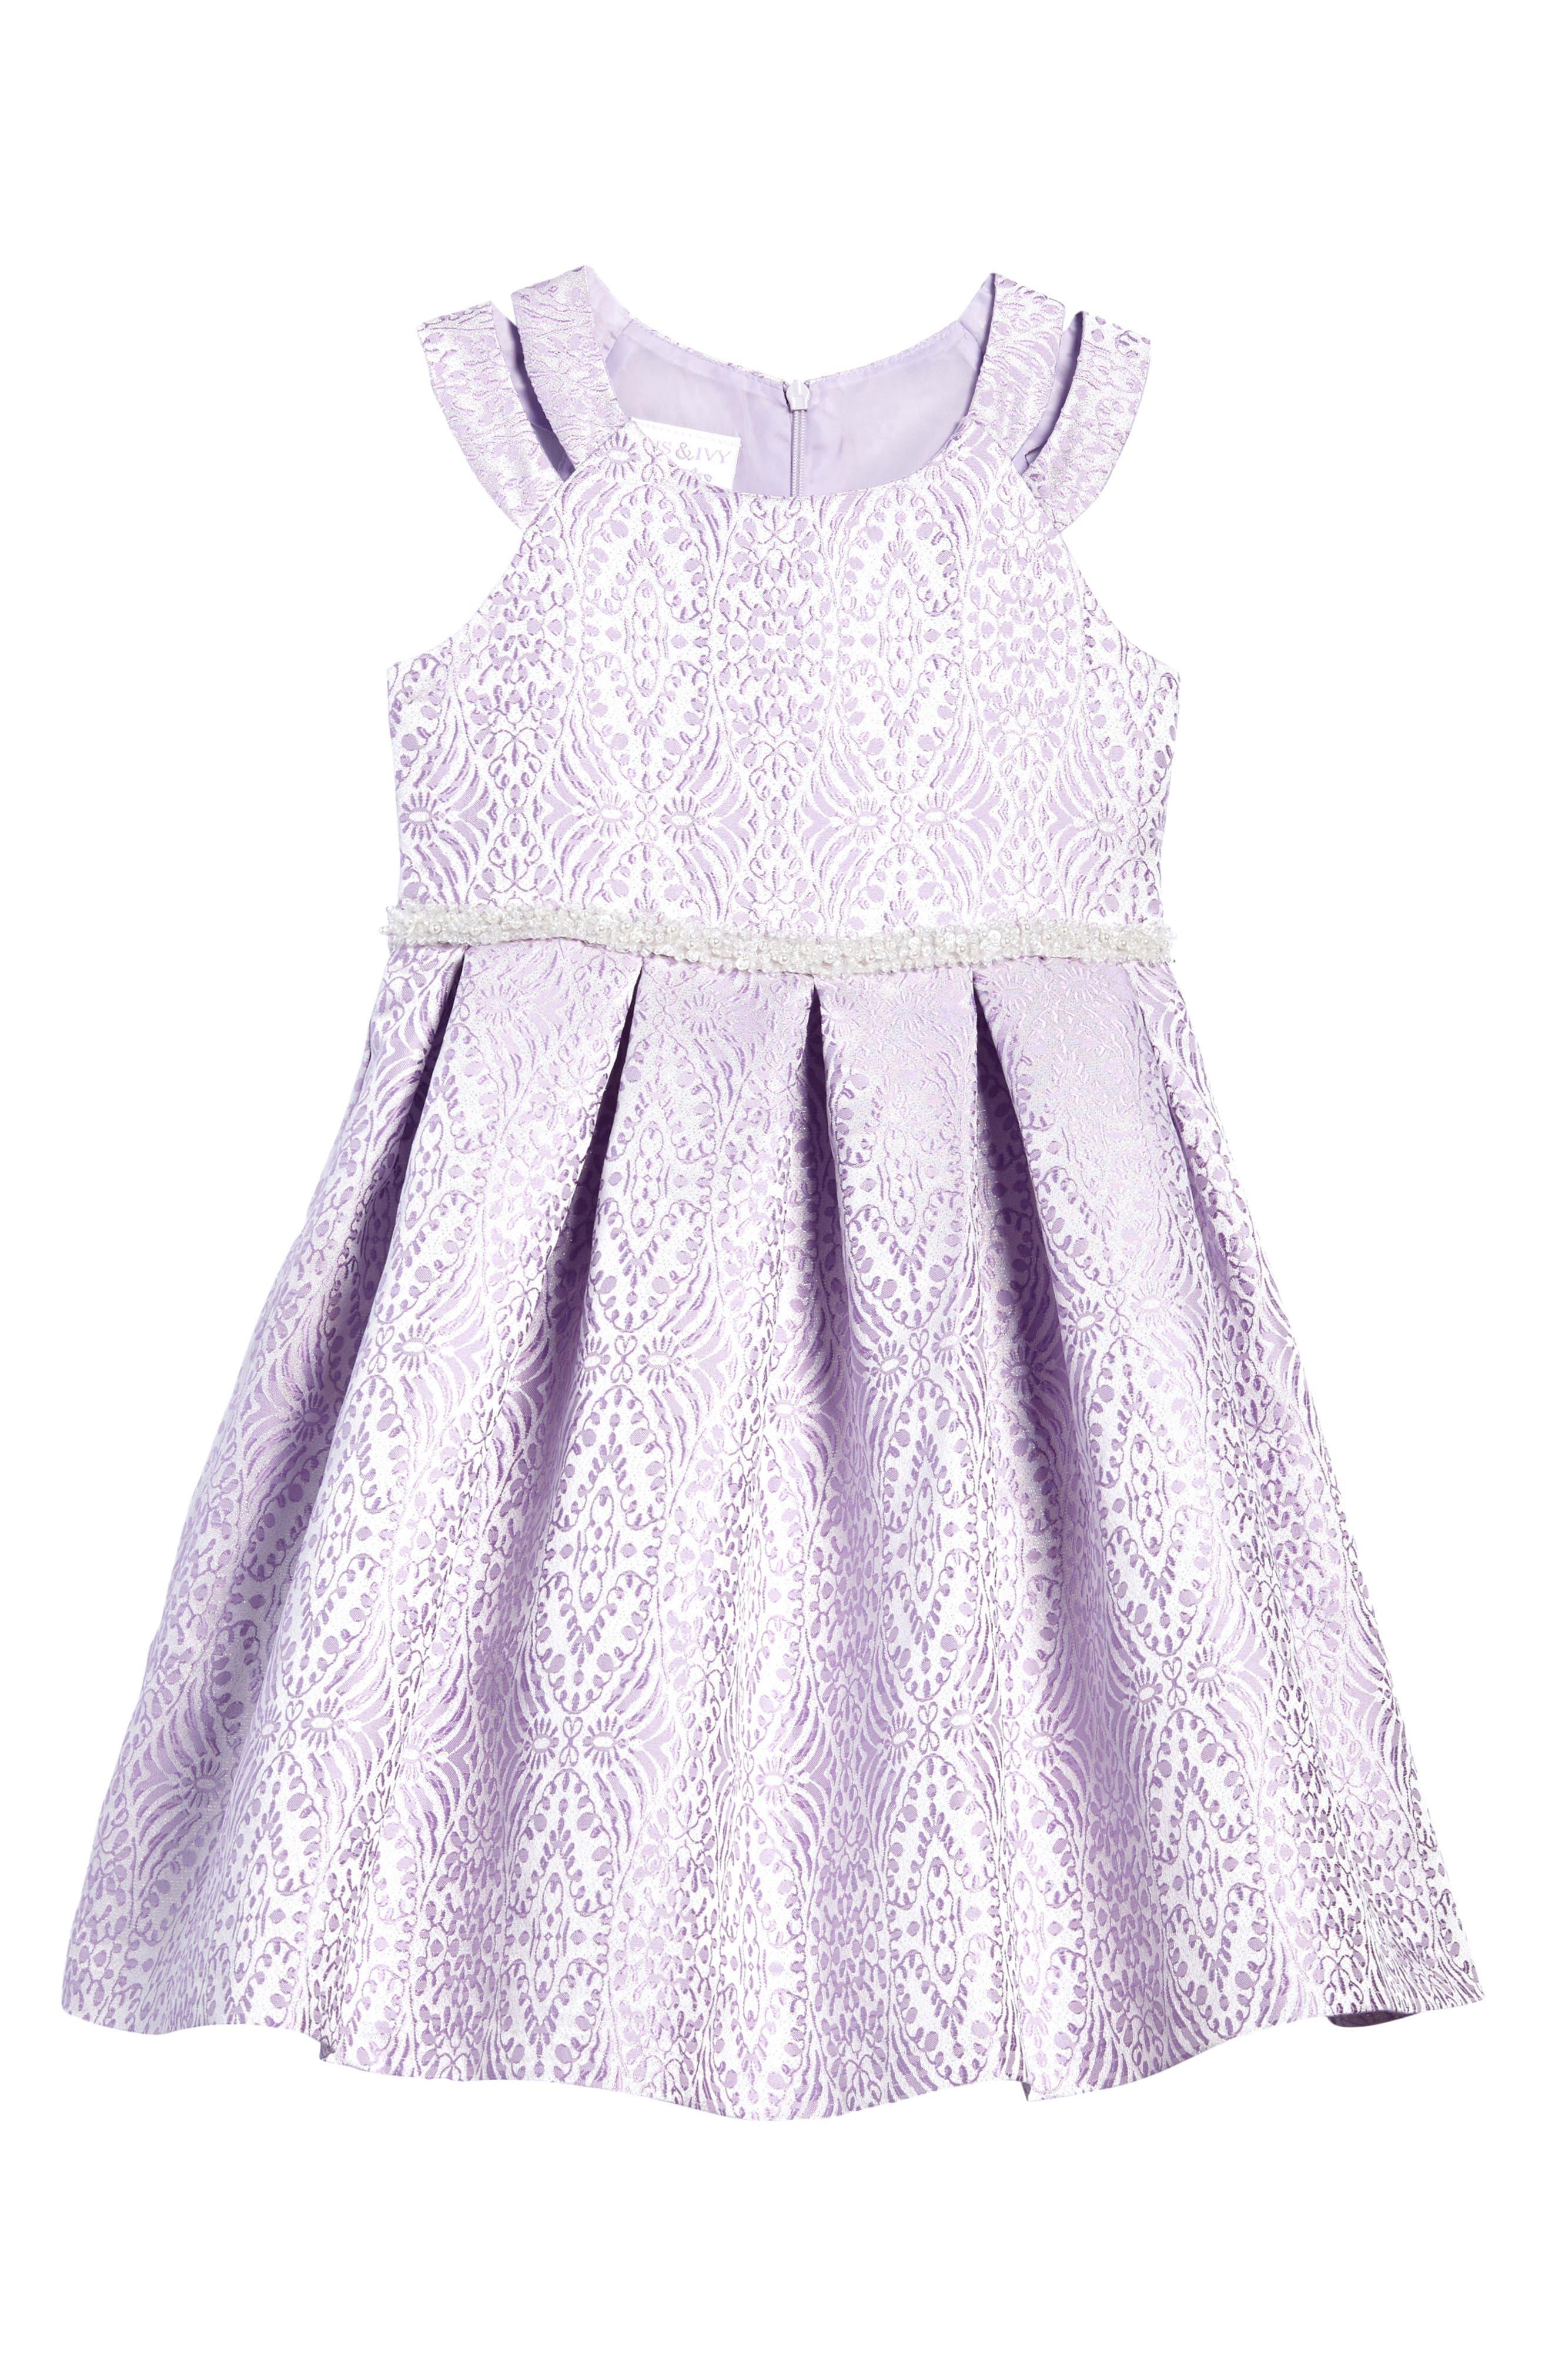 Jacquard Fit & Flare Dress,                             Main thumbnail 1, color,                             530